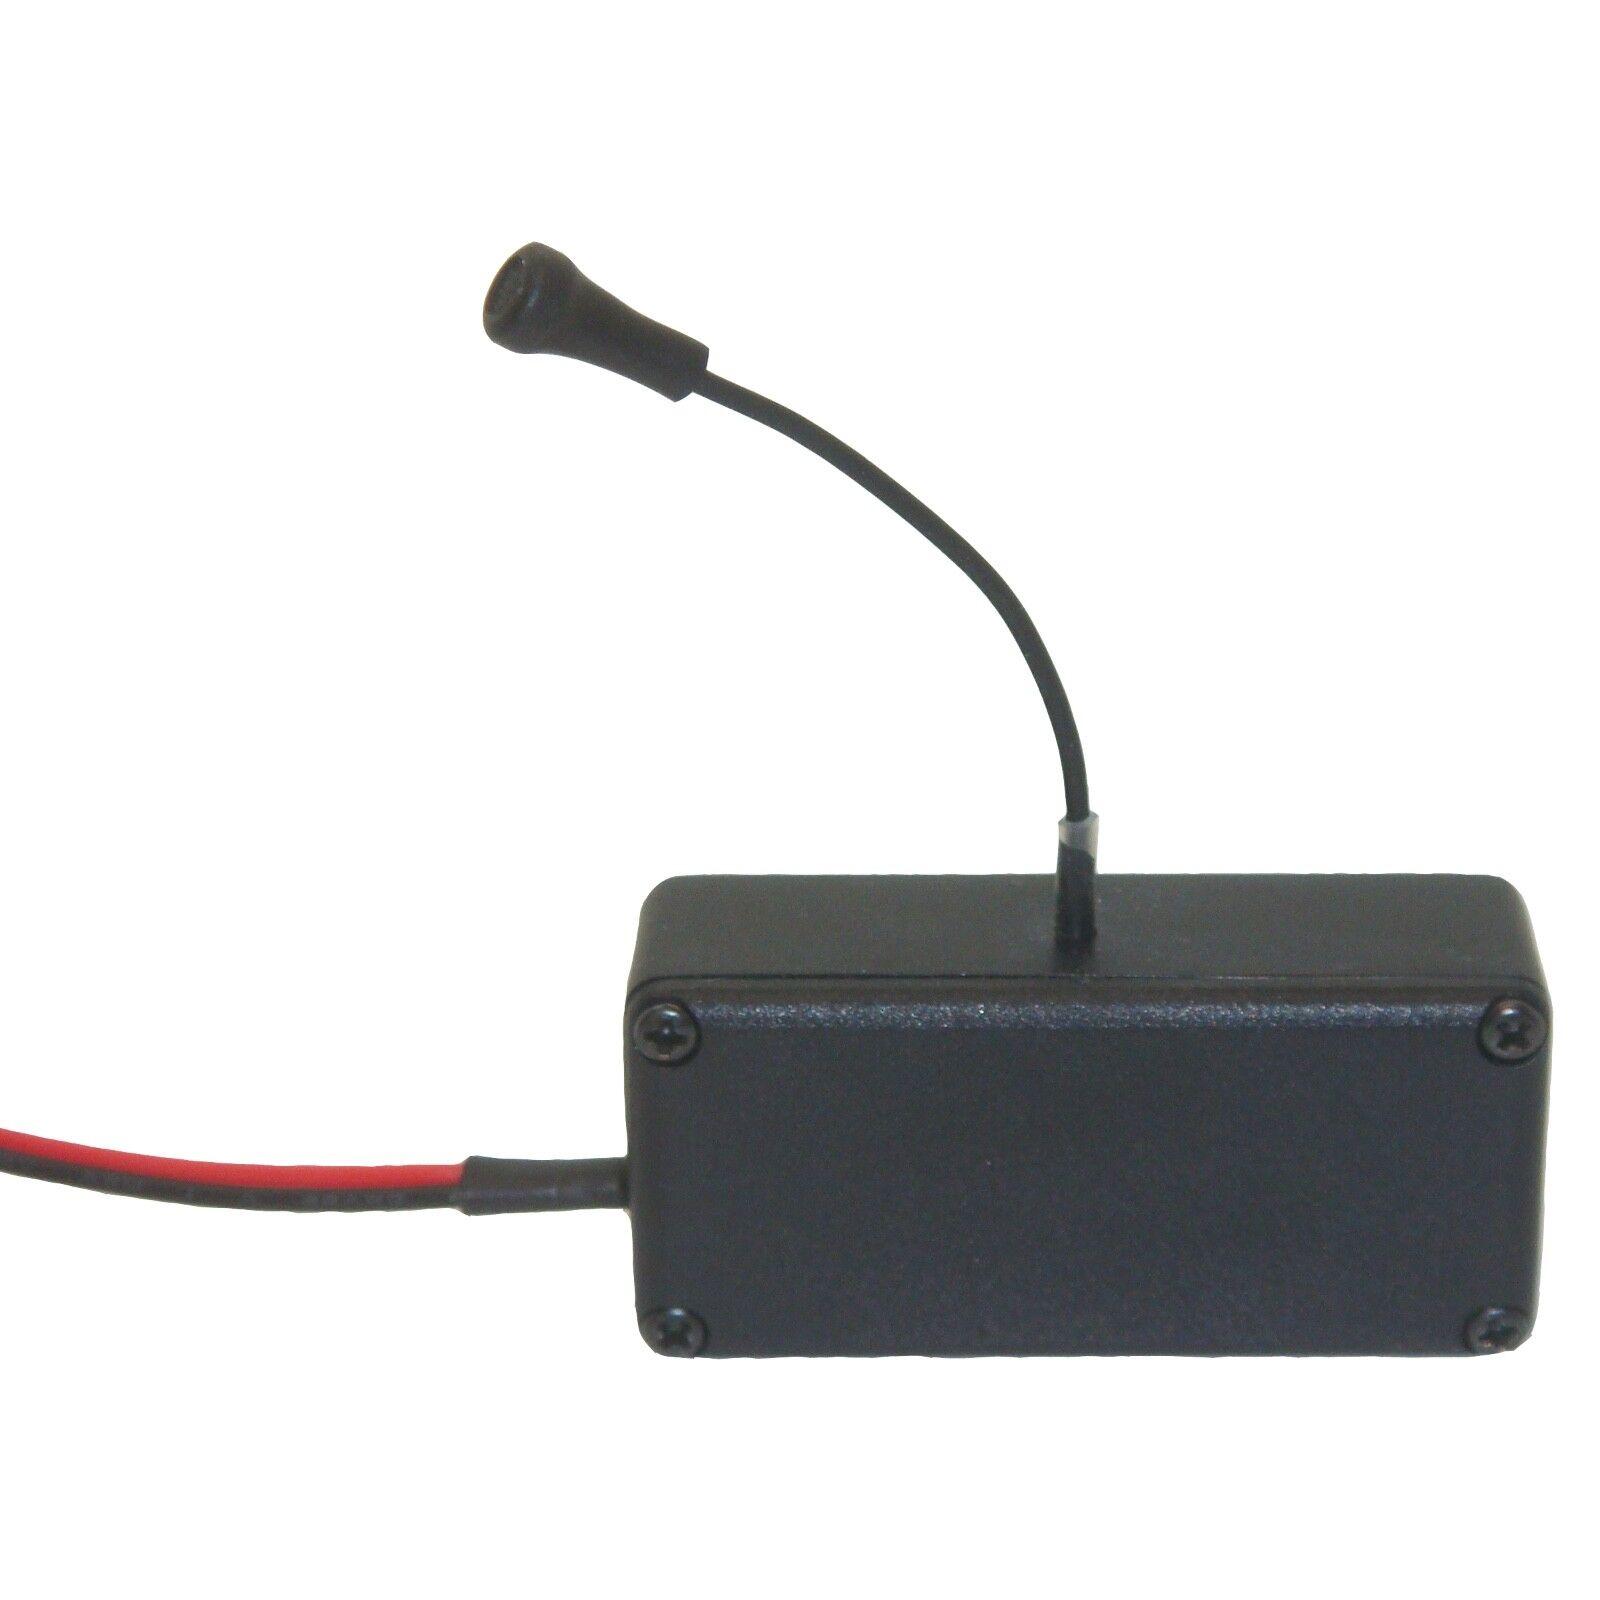 230v Ac Power Inalámbrico Gsm Espía Audio Escucha Bug con Externo Micrófono